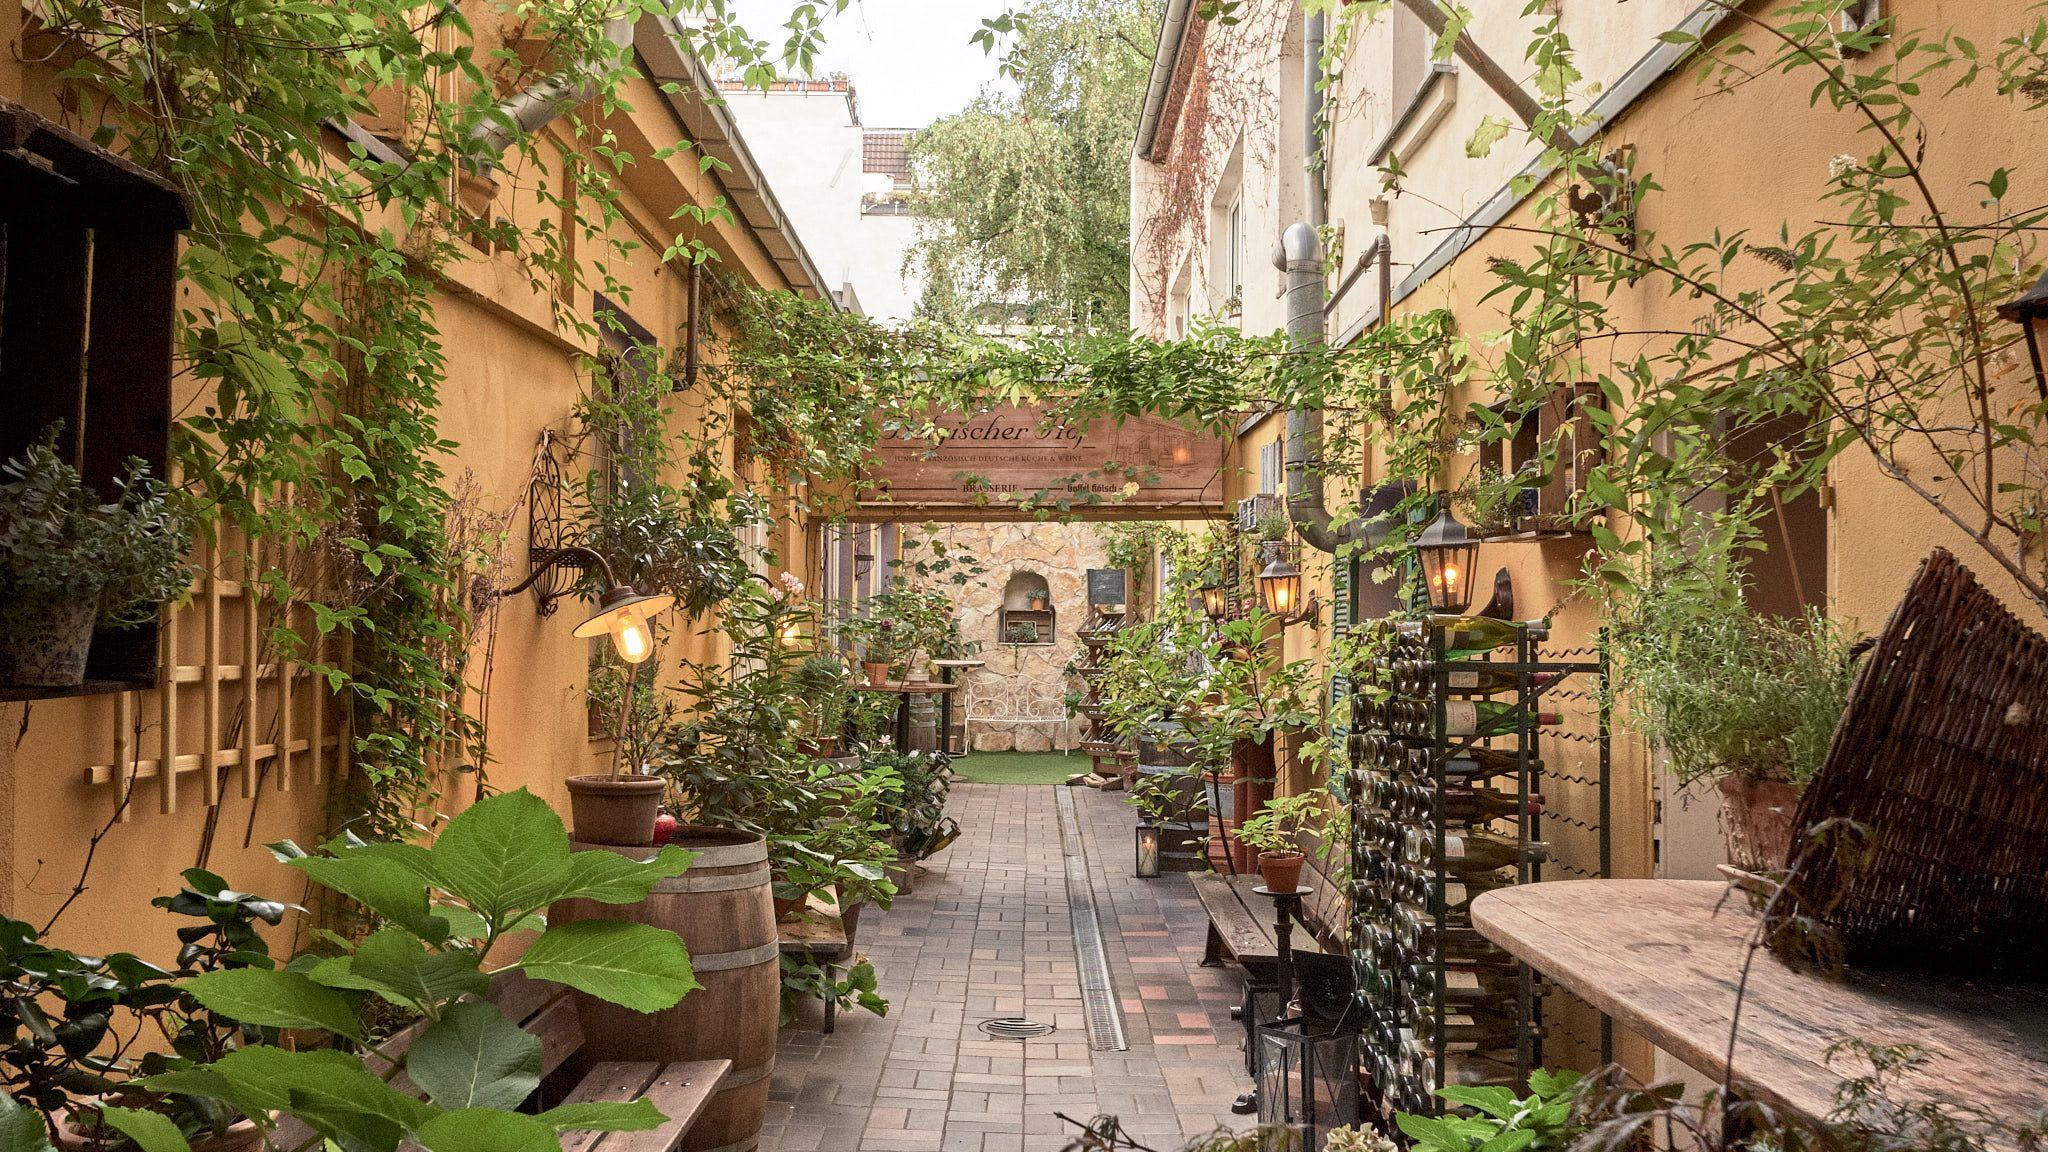 Restaurant Homepage – Innenhof | Innenhof, Hof, Deutsche küche